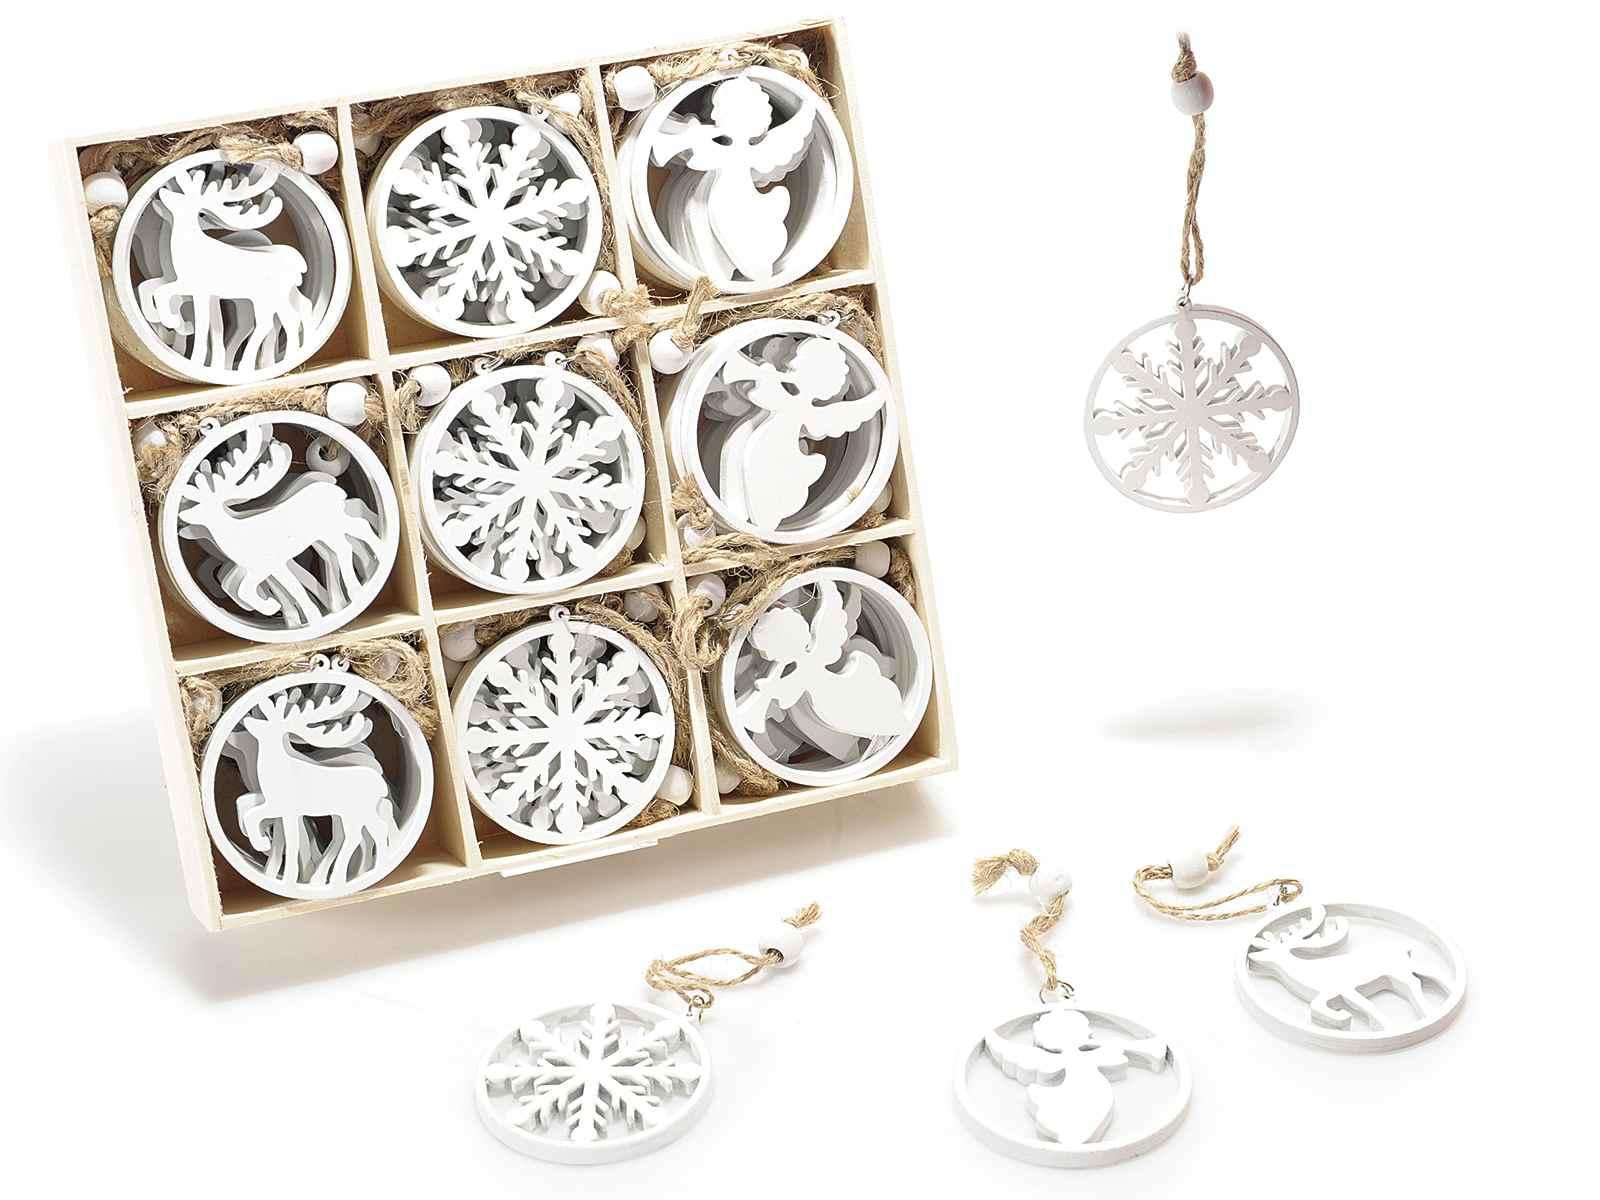 Espositore 72 decorazioni in legno bianco da appendere 51 - Decorazioni natalizie in legno ...